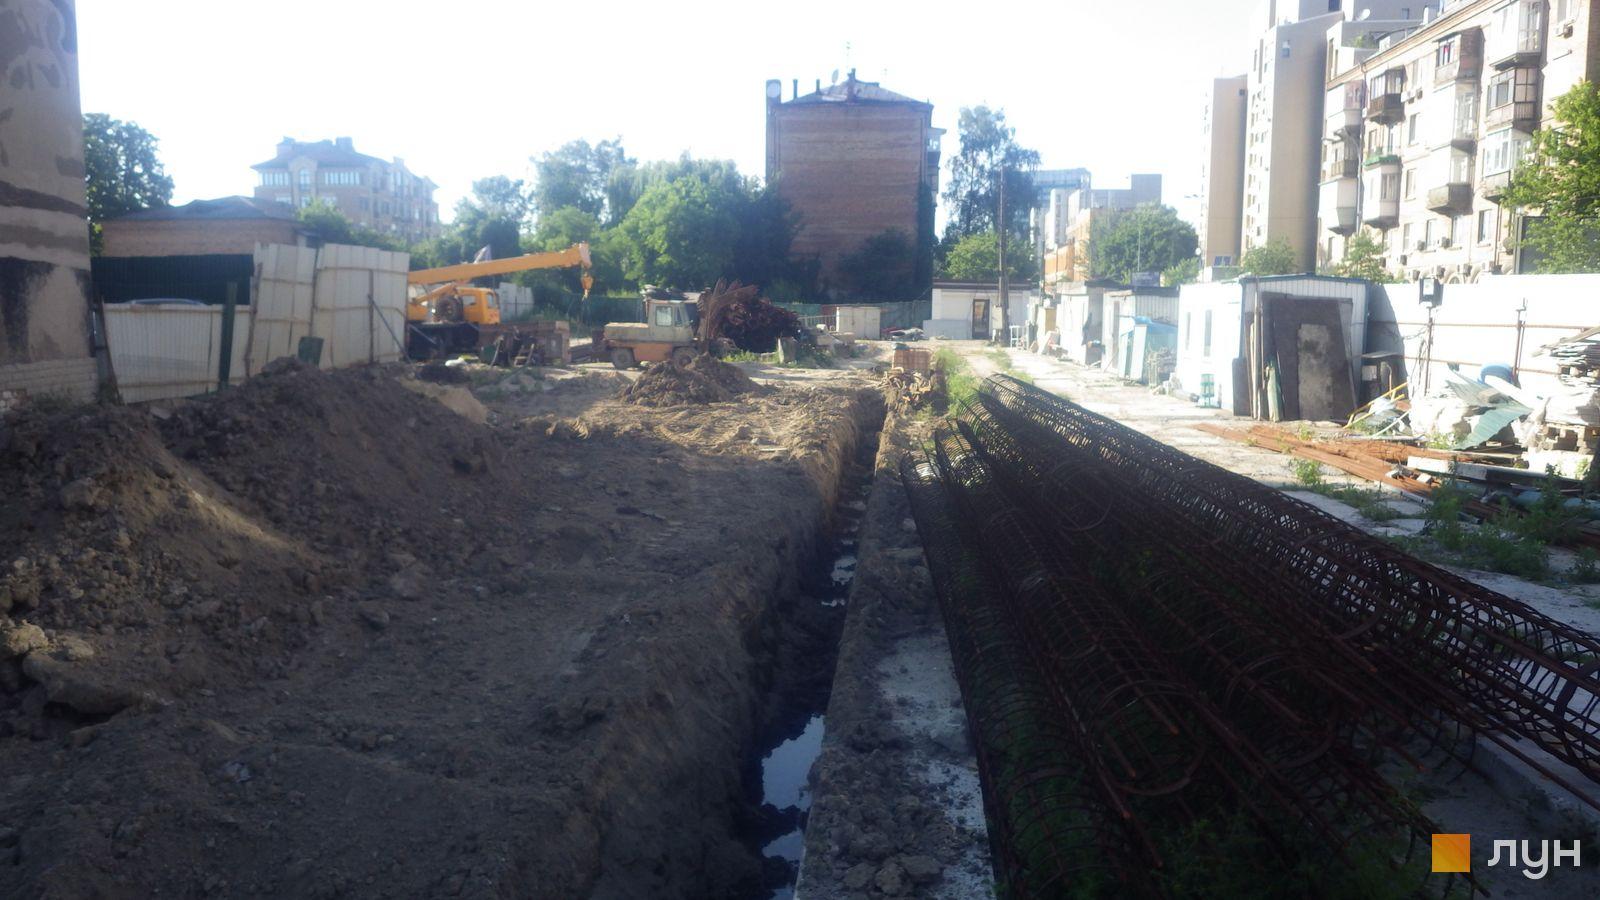 Ход строительства ул. Казимира Малевича, 44, 46, , июль 2020